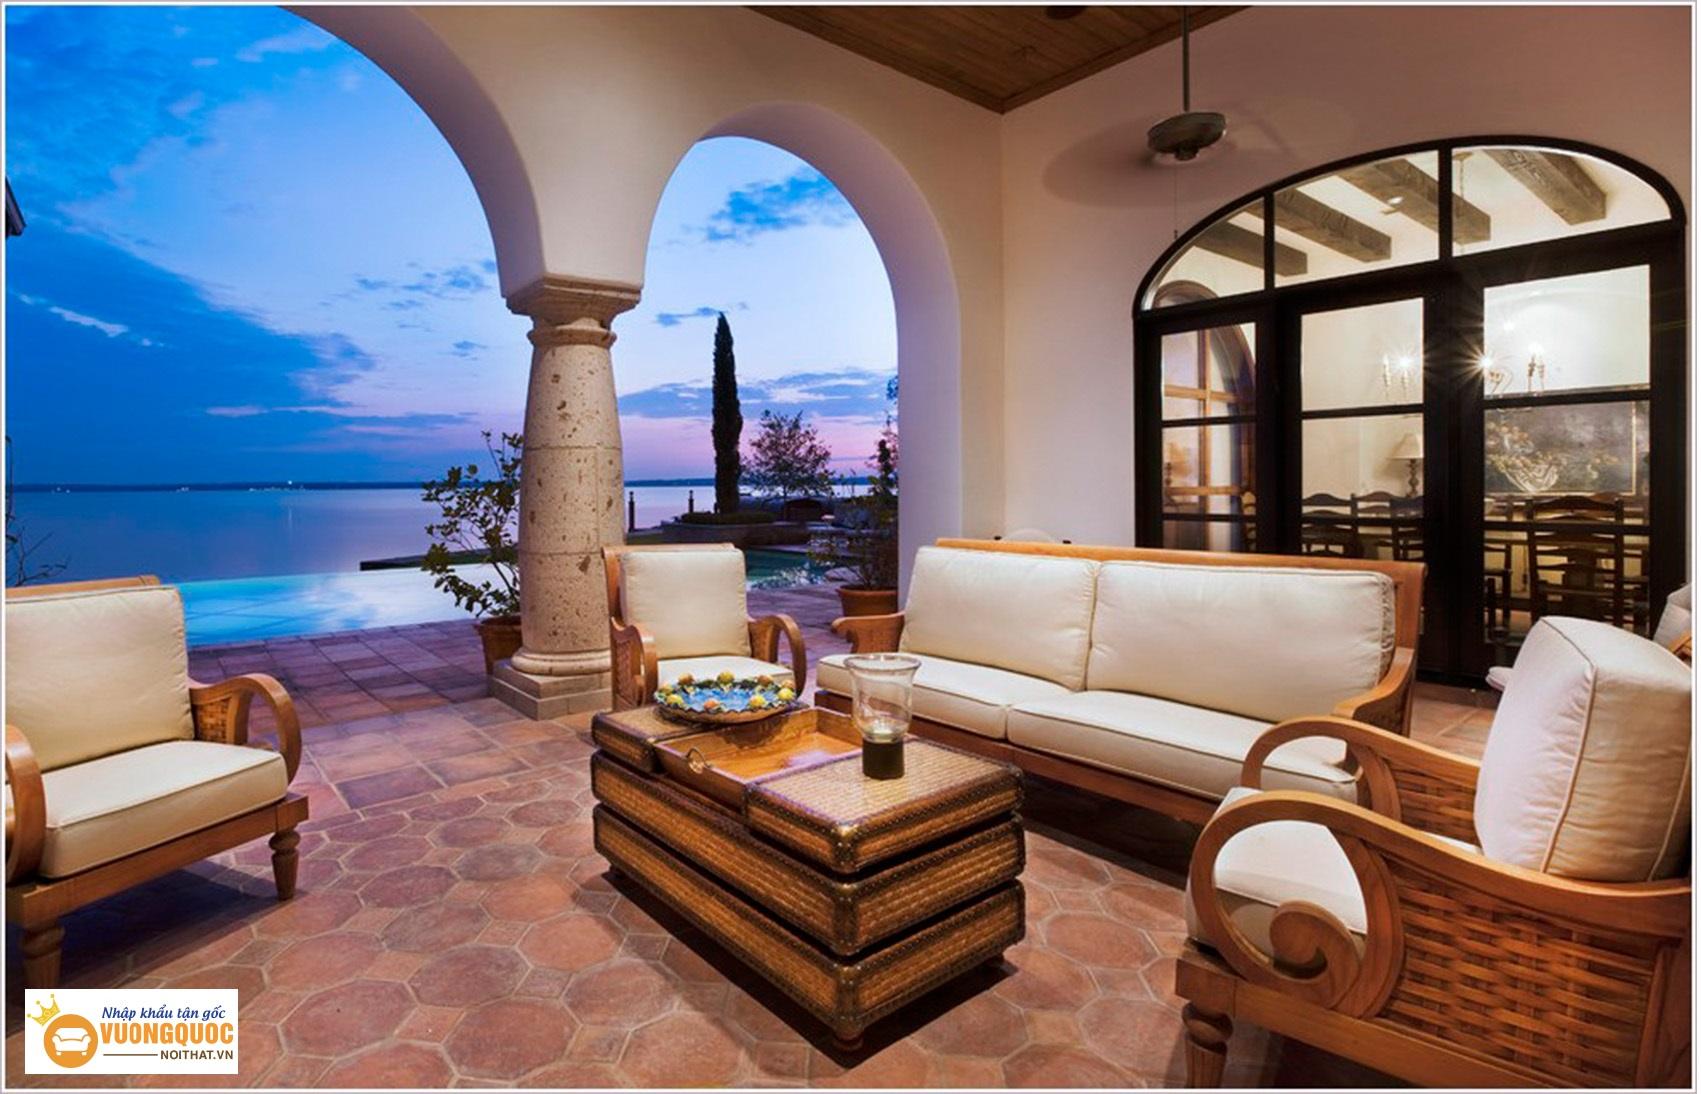 Đặc điểm riêng trong phong cách nội thất Địa Trung Hải